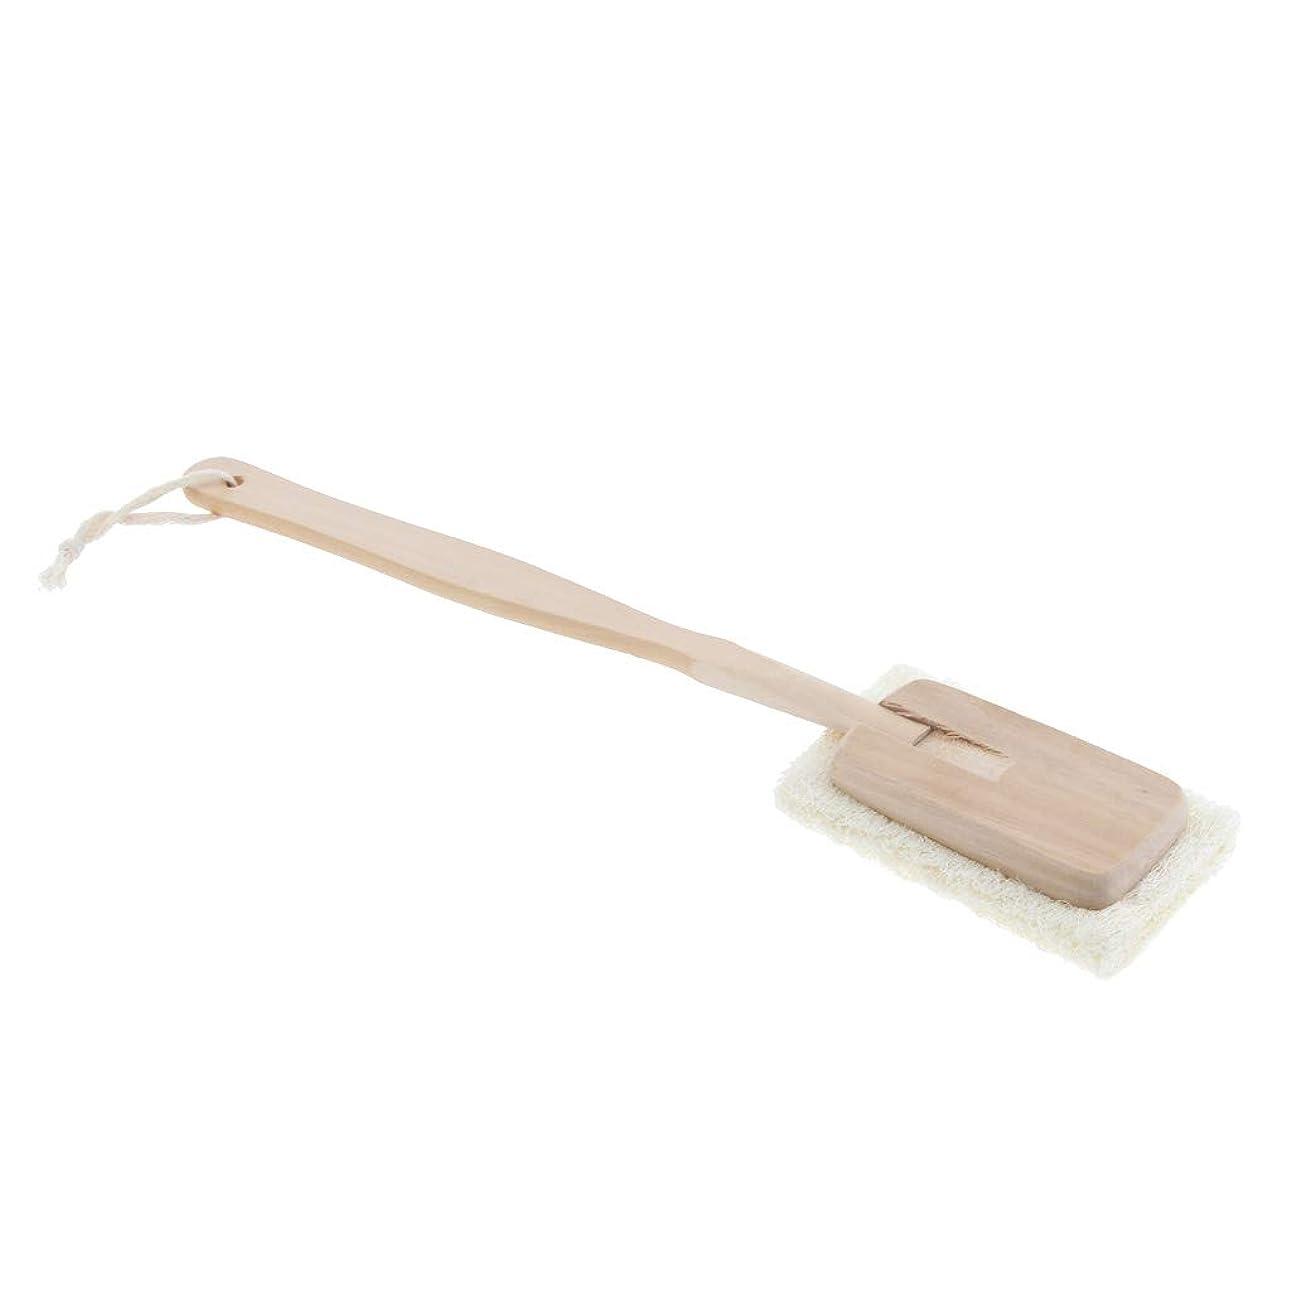 延期する我慢するカリングchiwanji シャワーブラシ ロング 柔らかい 使いやすい クレンジングツール お風呂 シャワー 全2タイプ - 平方